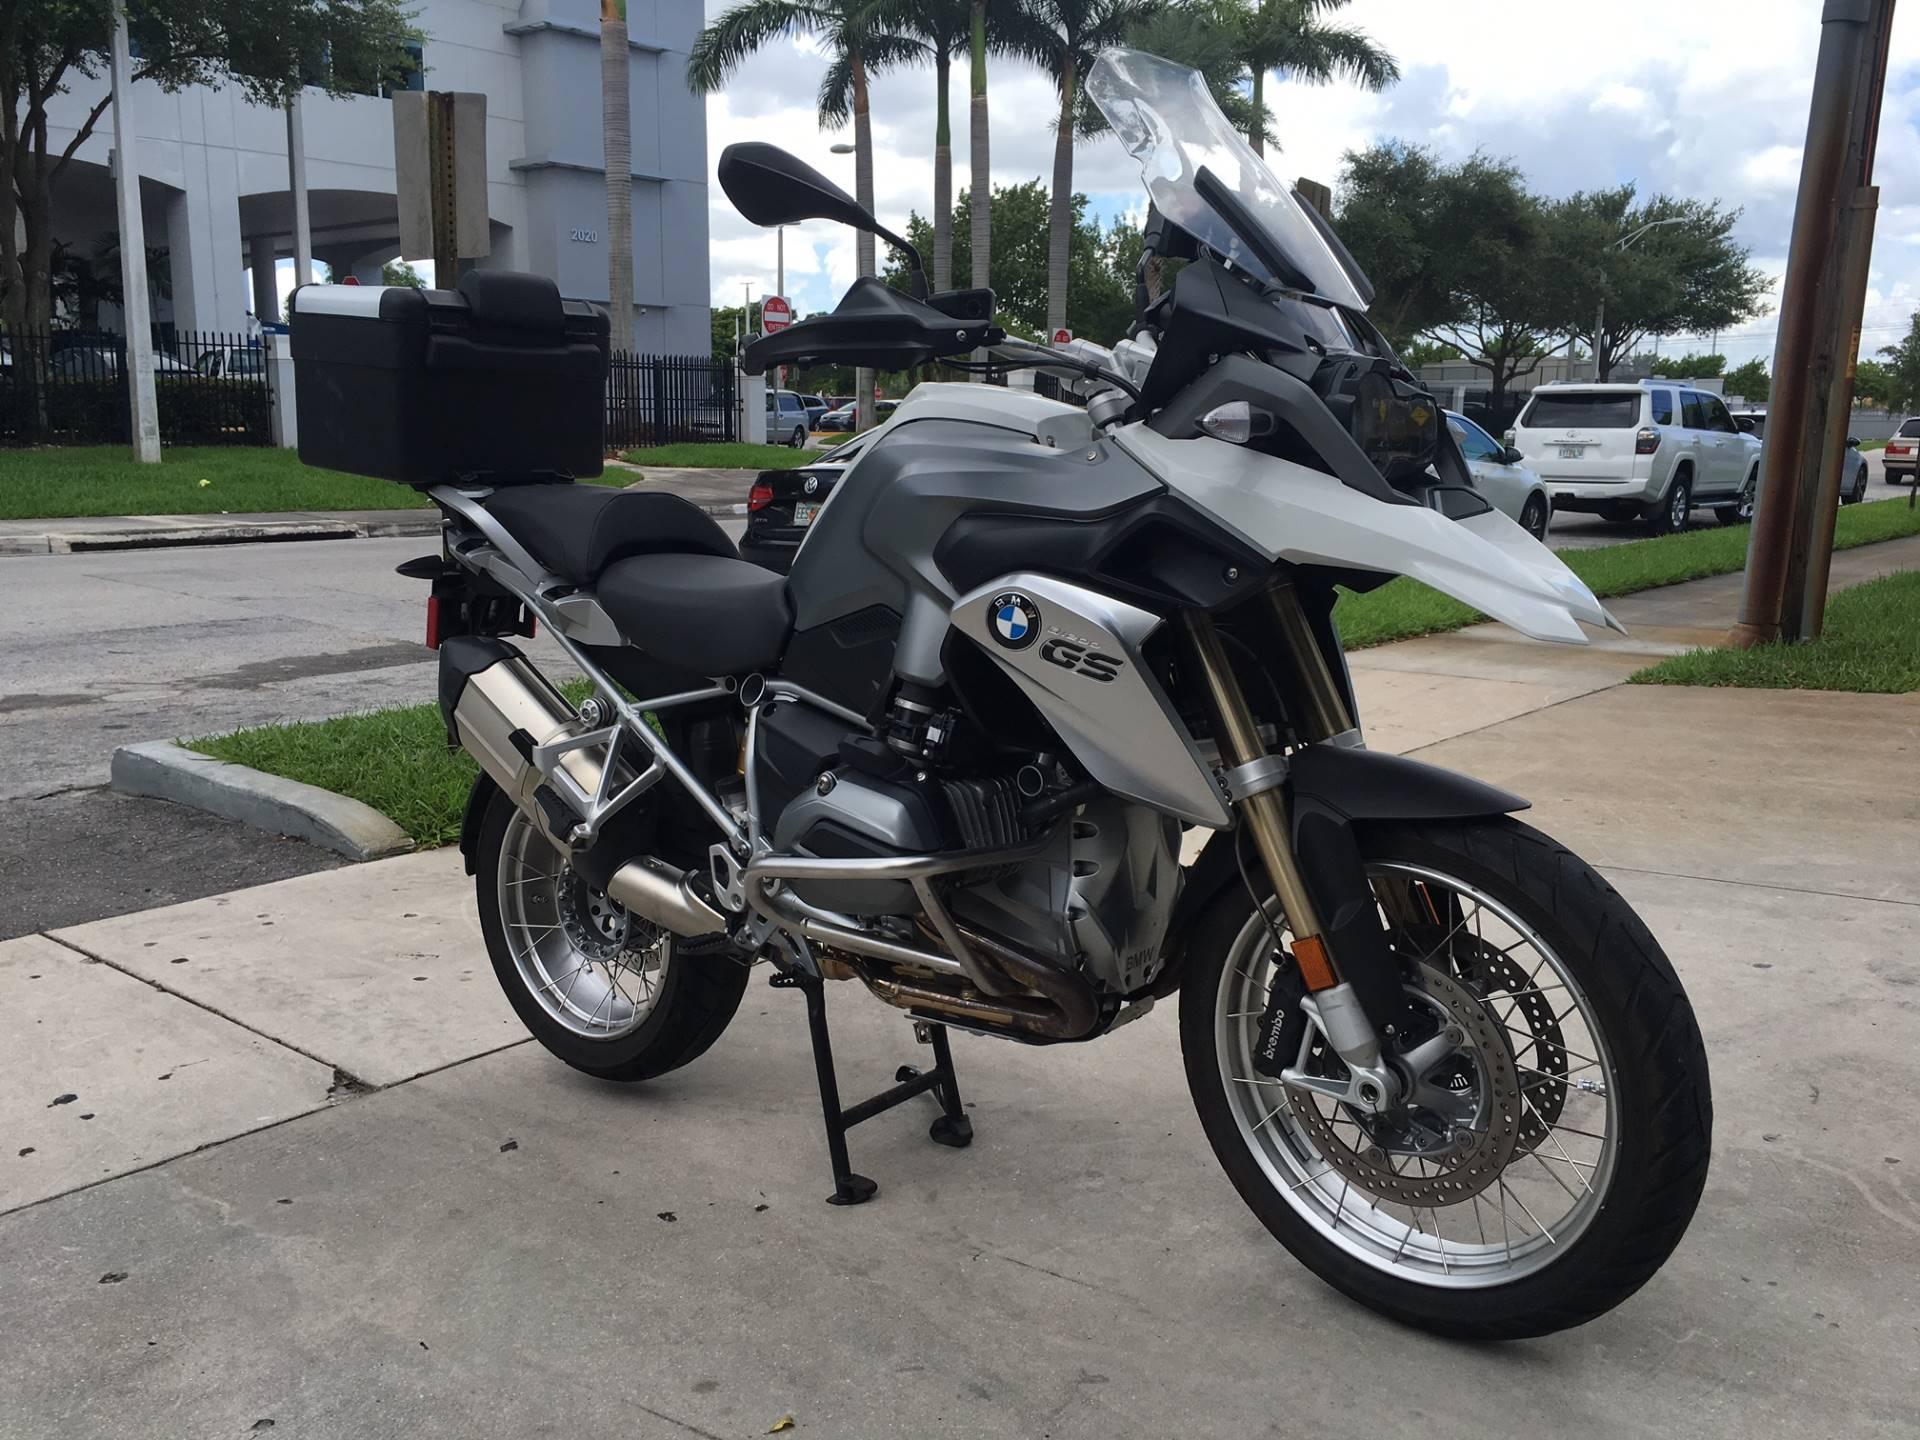 2013 R 1200 GS